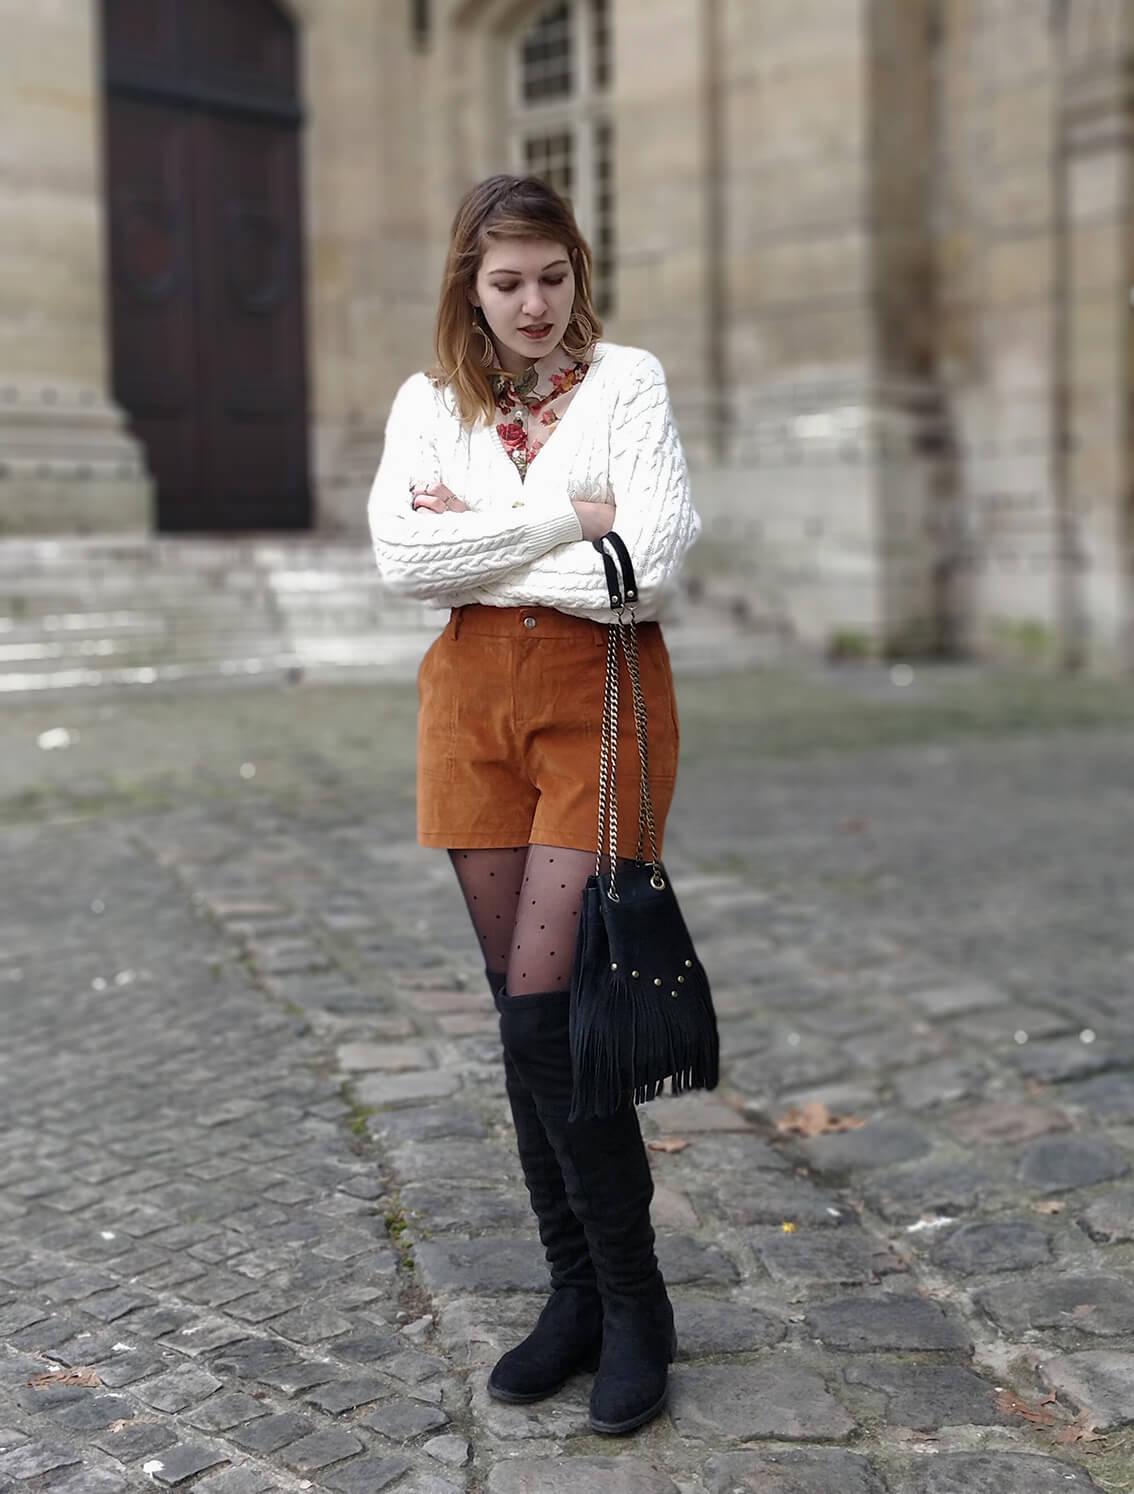 tenue blog 19 janvier short collants pois - L'amour des shorts en hiver